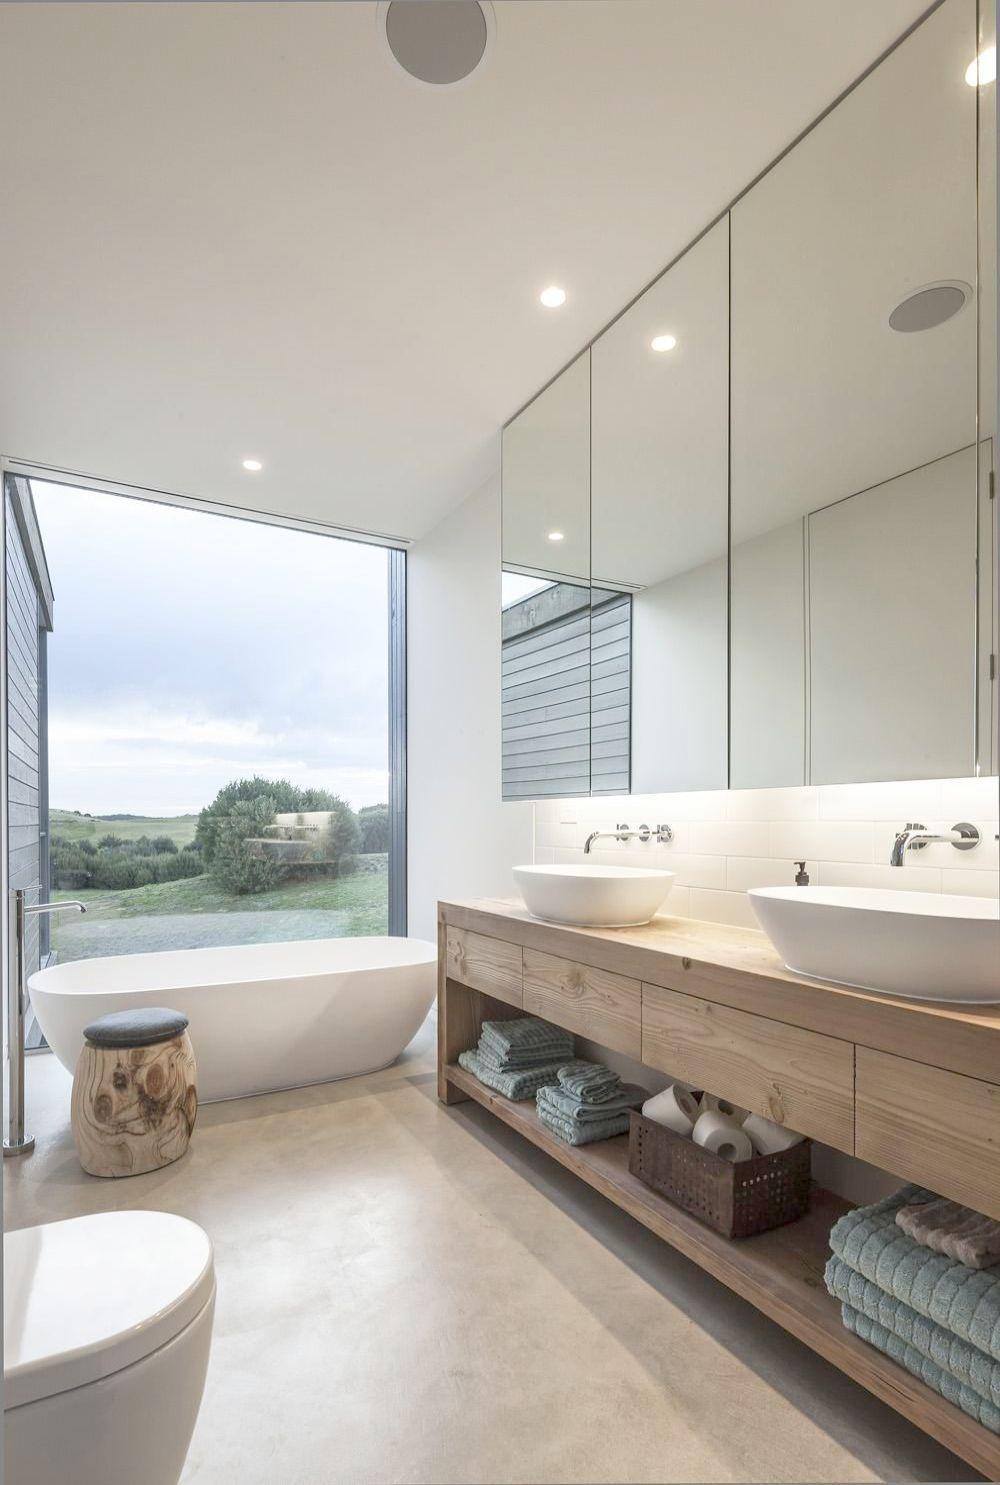 Modern Bathroom Kerala Contemporary Bathrooms South Africa House Bathroom Modern Bathroom Design Bathroom Interior Design